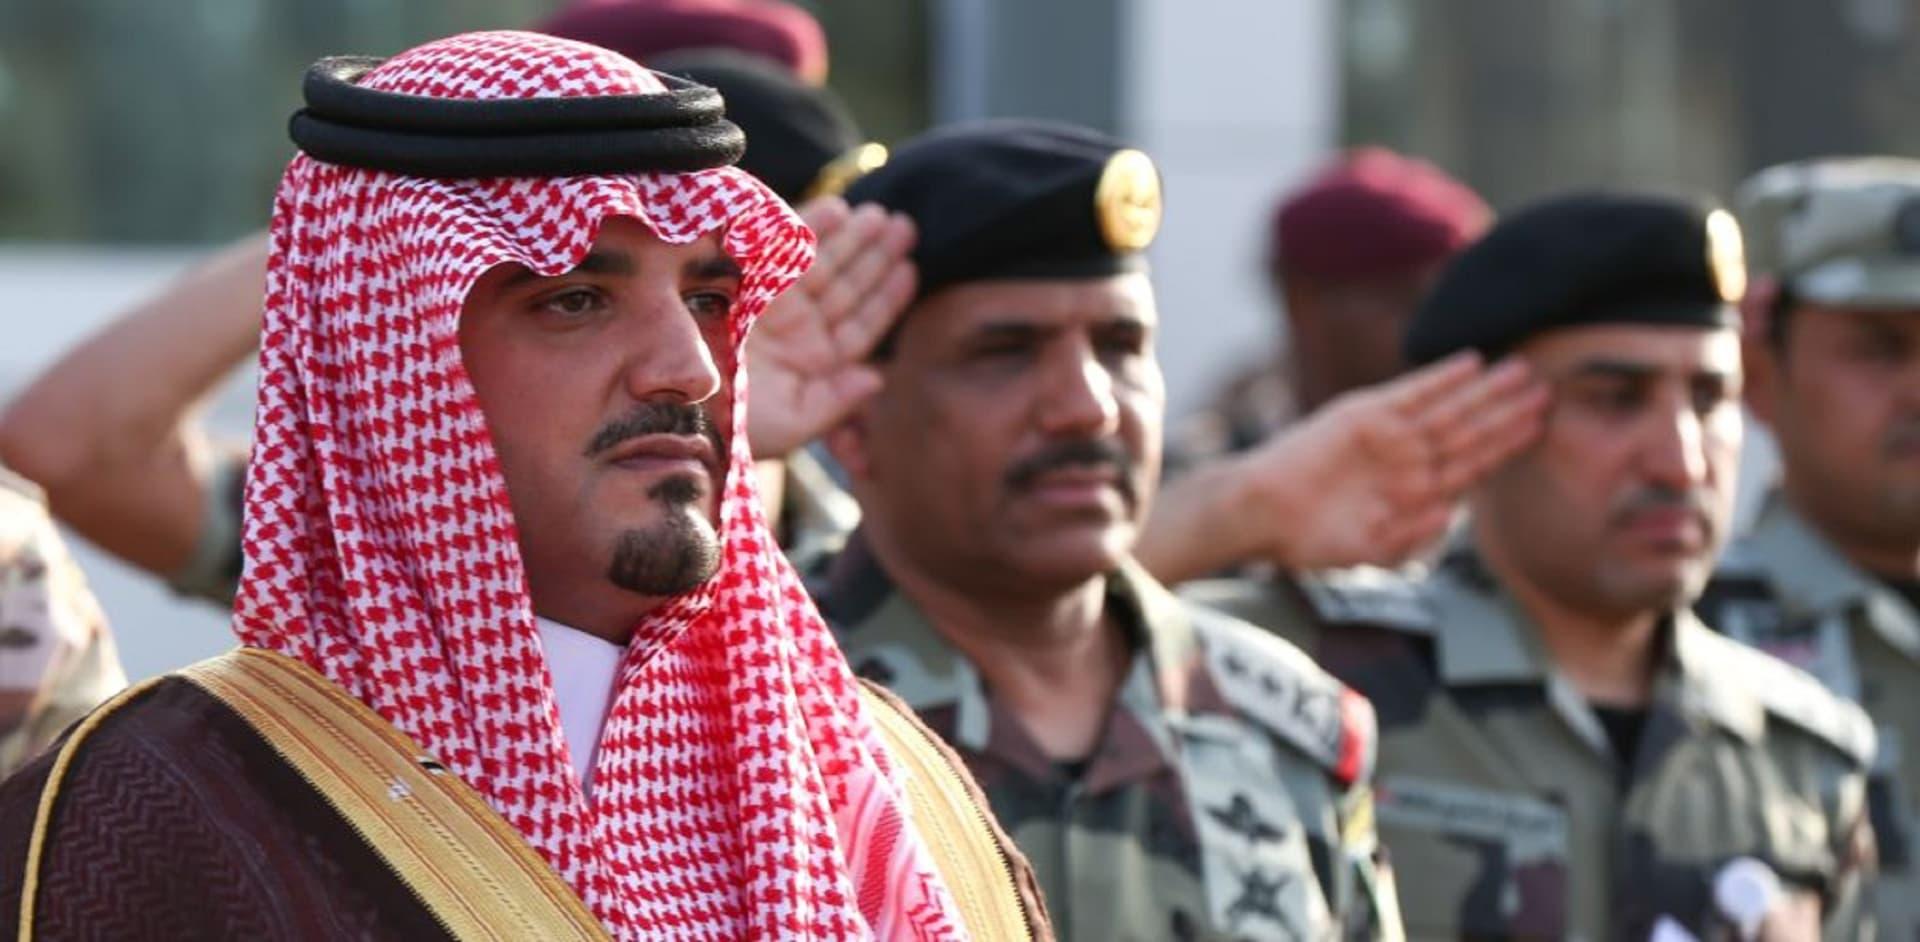 """تنفيذ """"القتل حدا"""" في سعودي لـ""""خروجه على ولي الأمر وارتكاب جرائم إرهابية"""""""